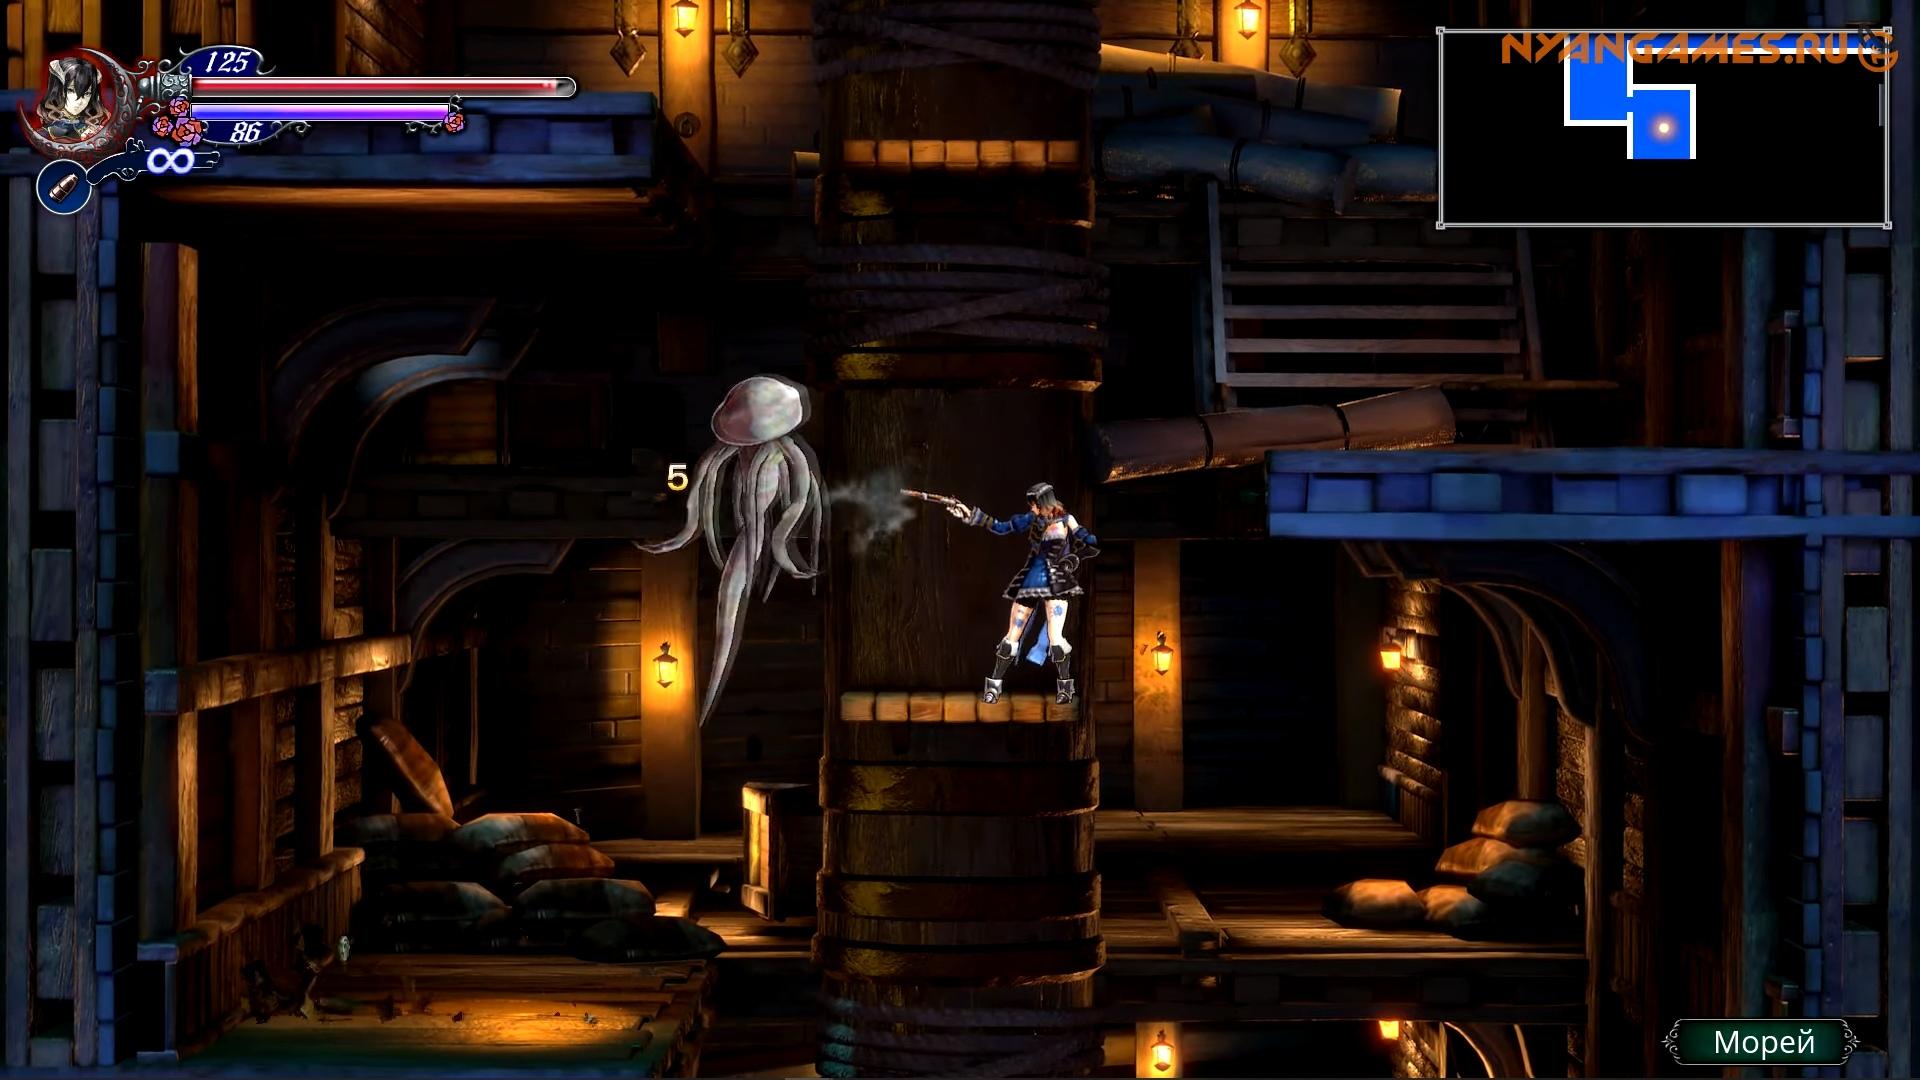 Обзор игры Bloodstained: Ritual of the Night. - Изображение 4